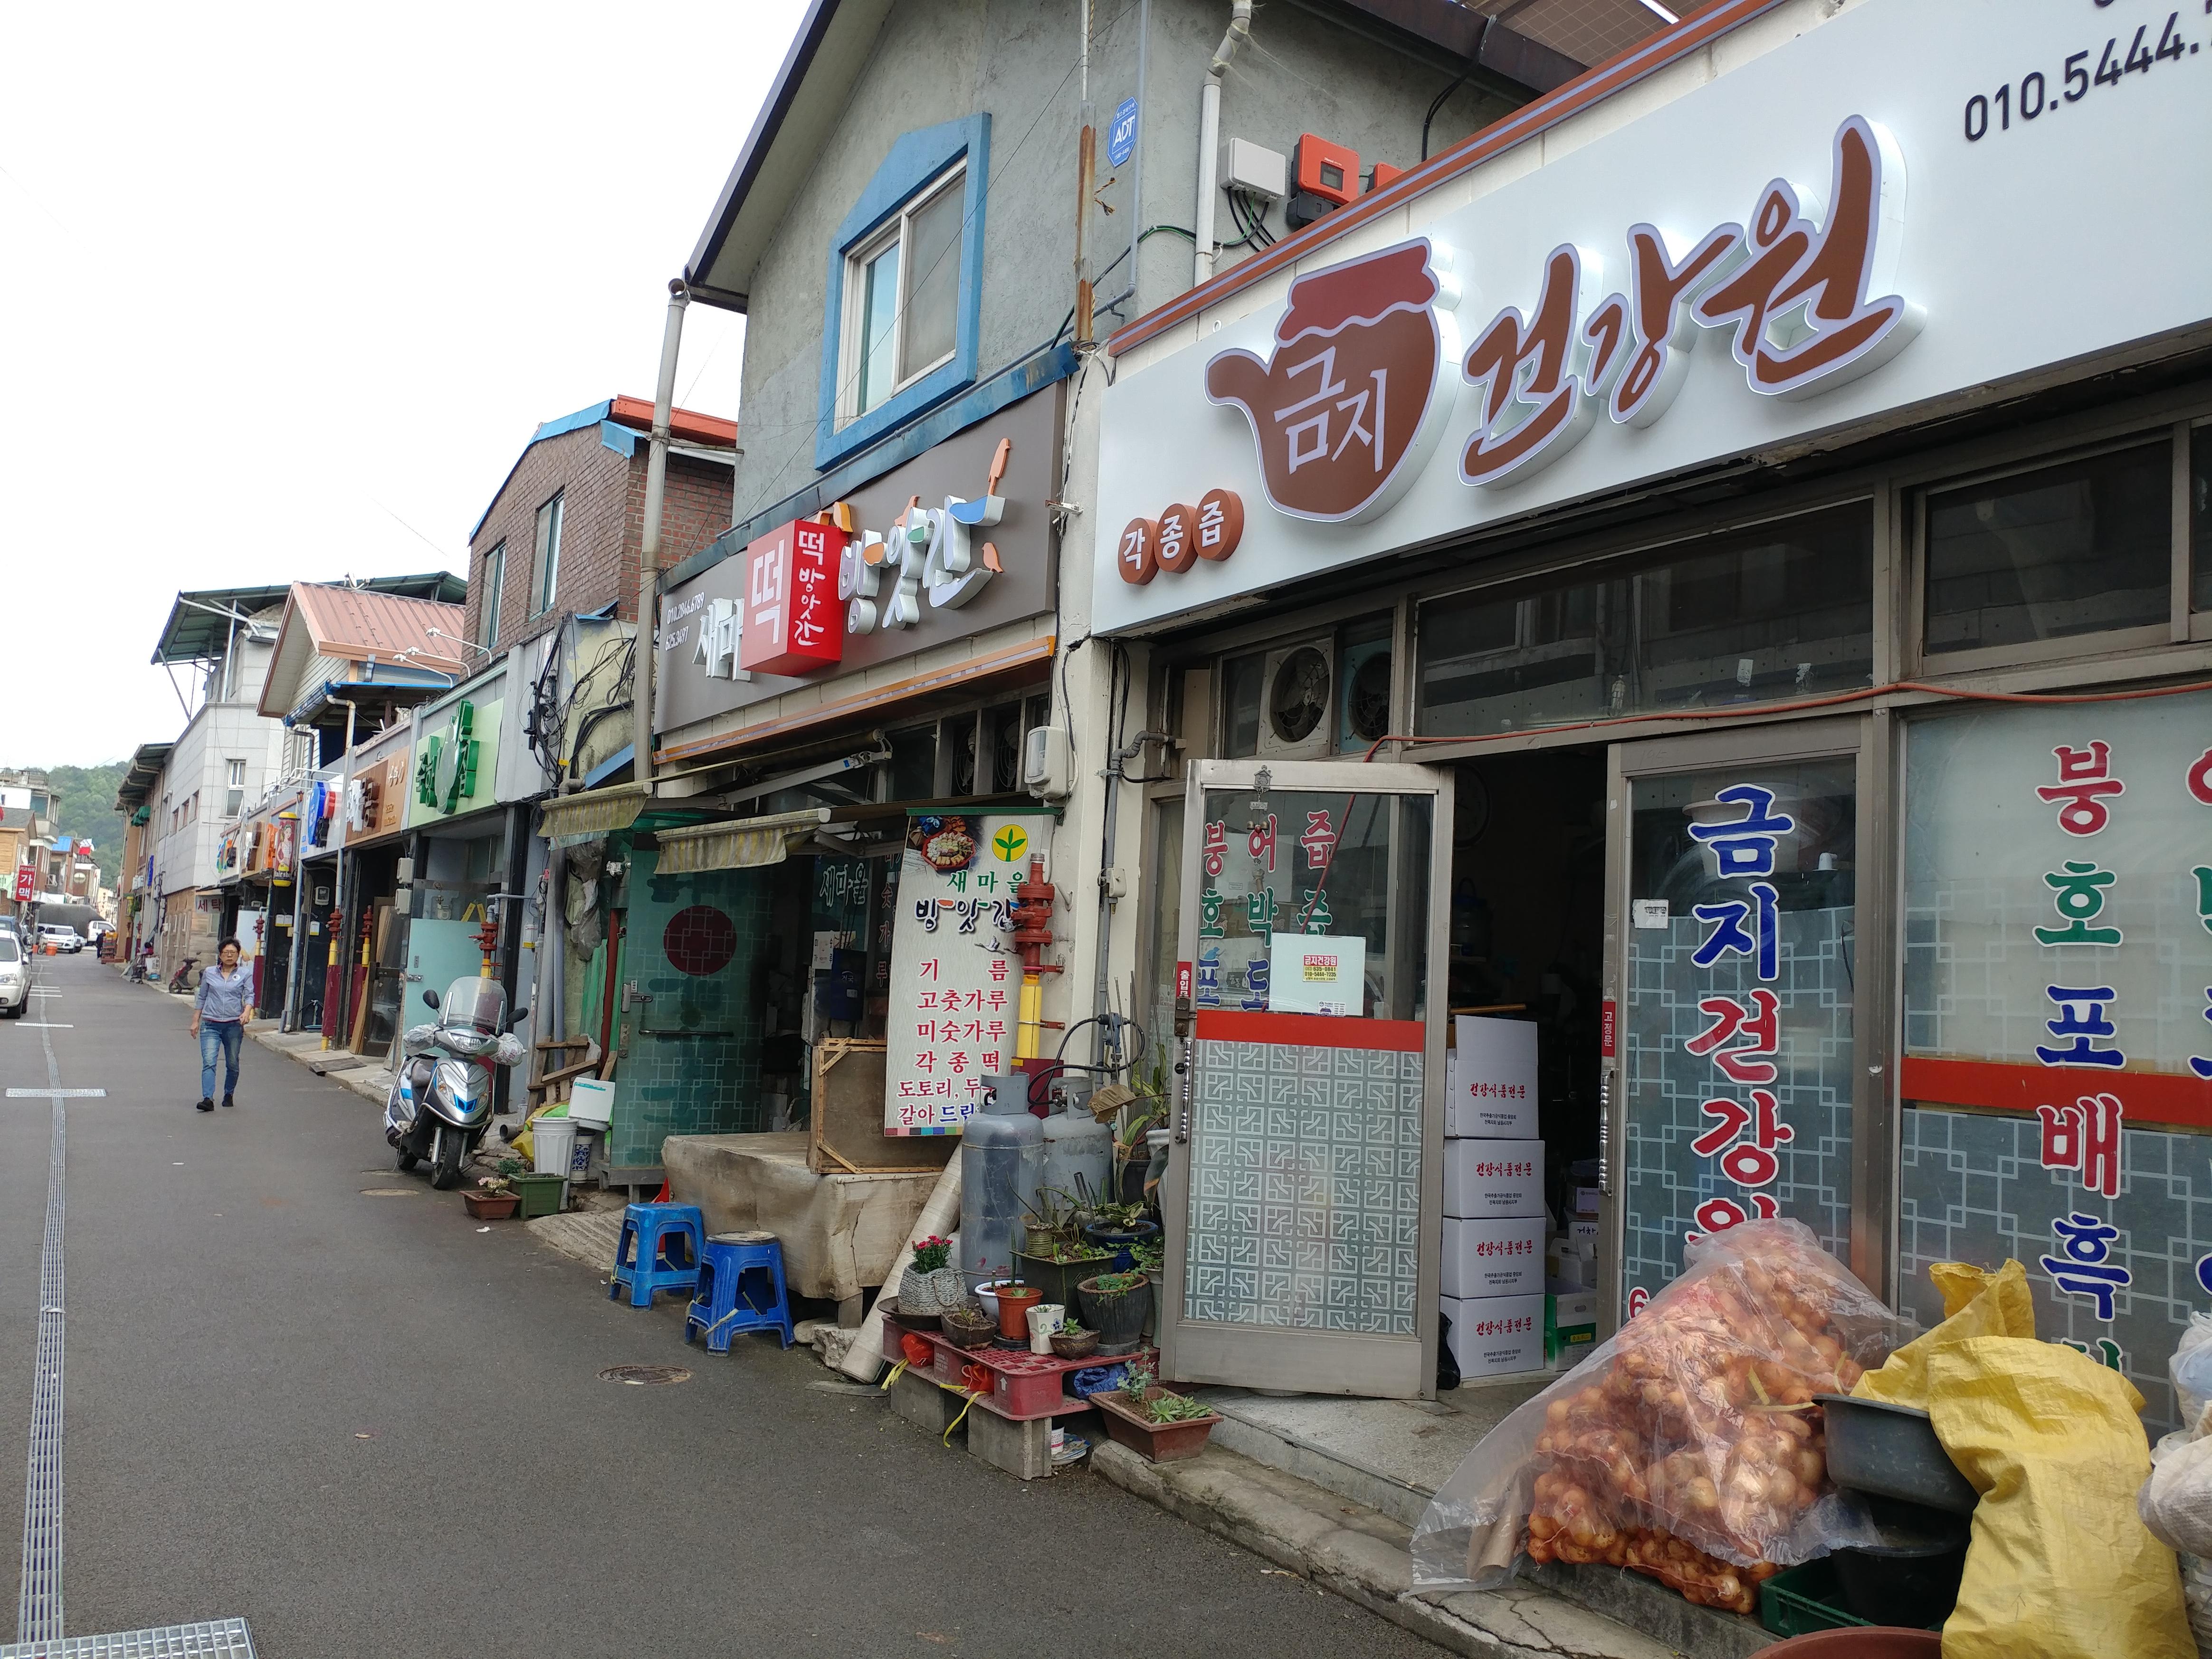 남원 광한루 간판개선사업 15